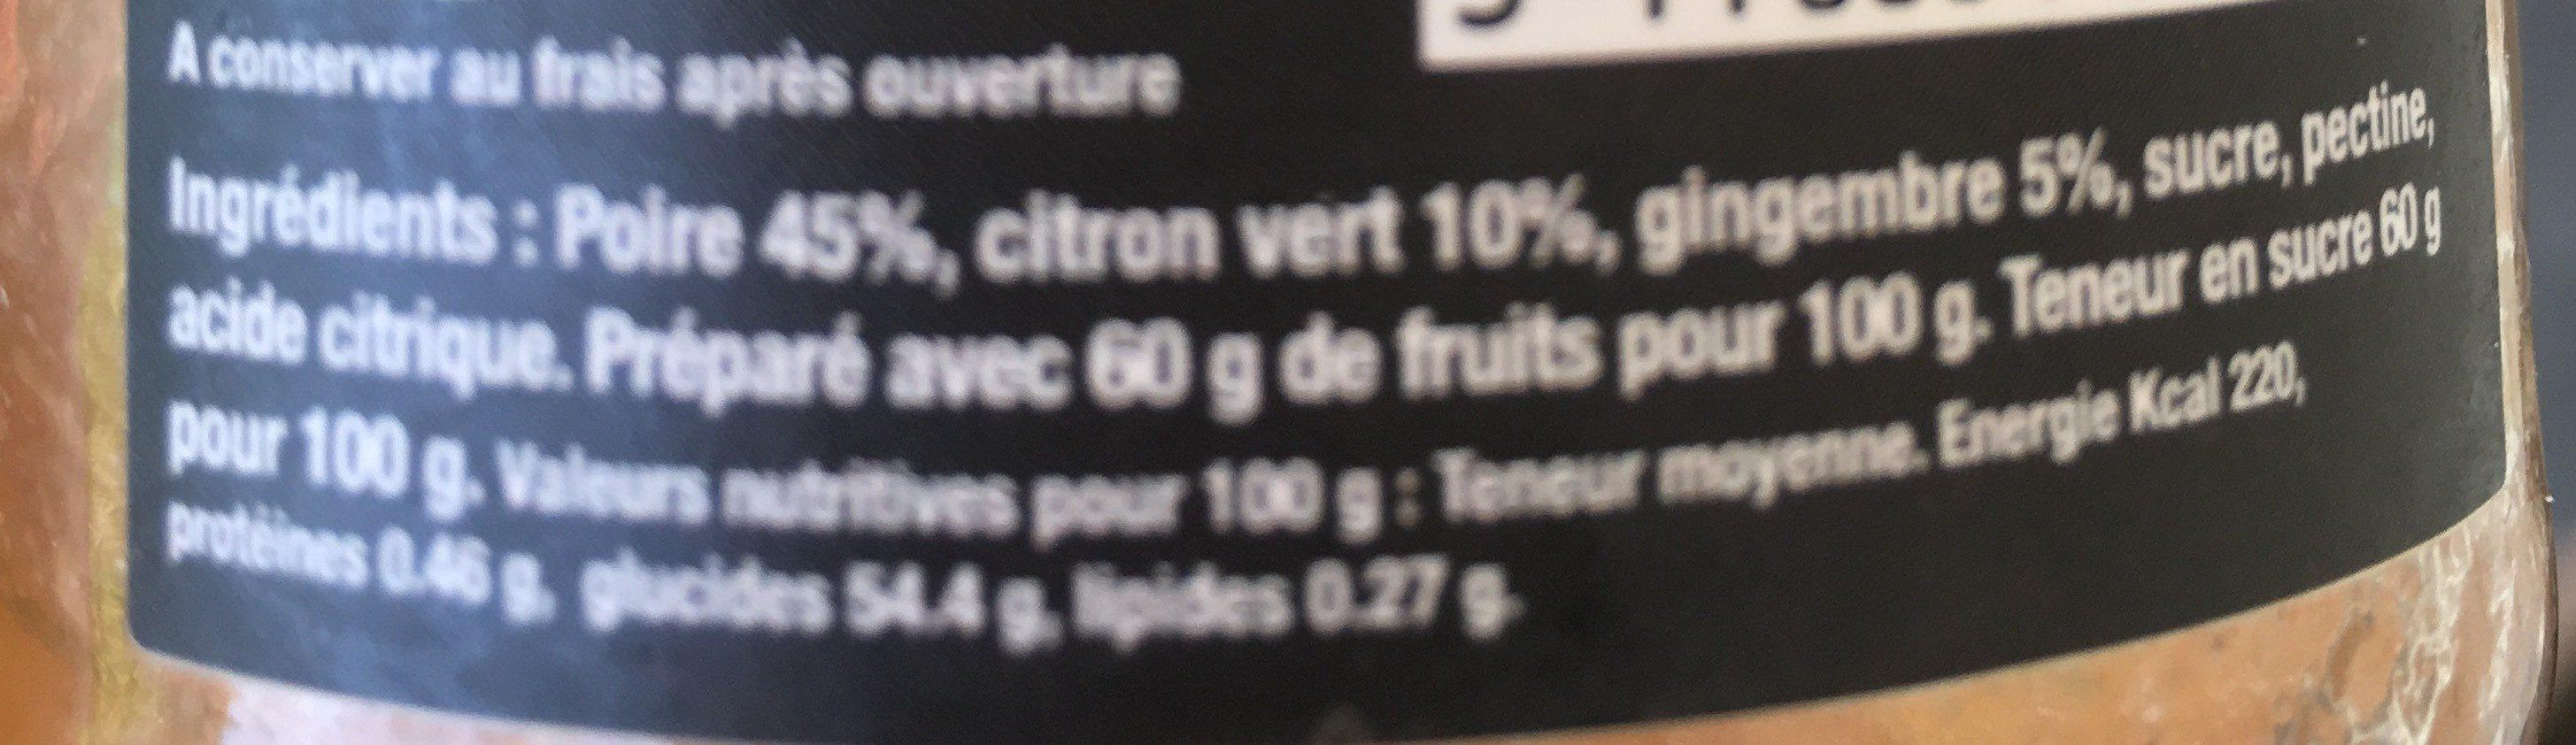 Confiture de poire, citron vert et gingembre - Ingrediënten